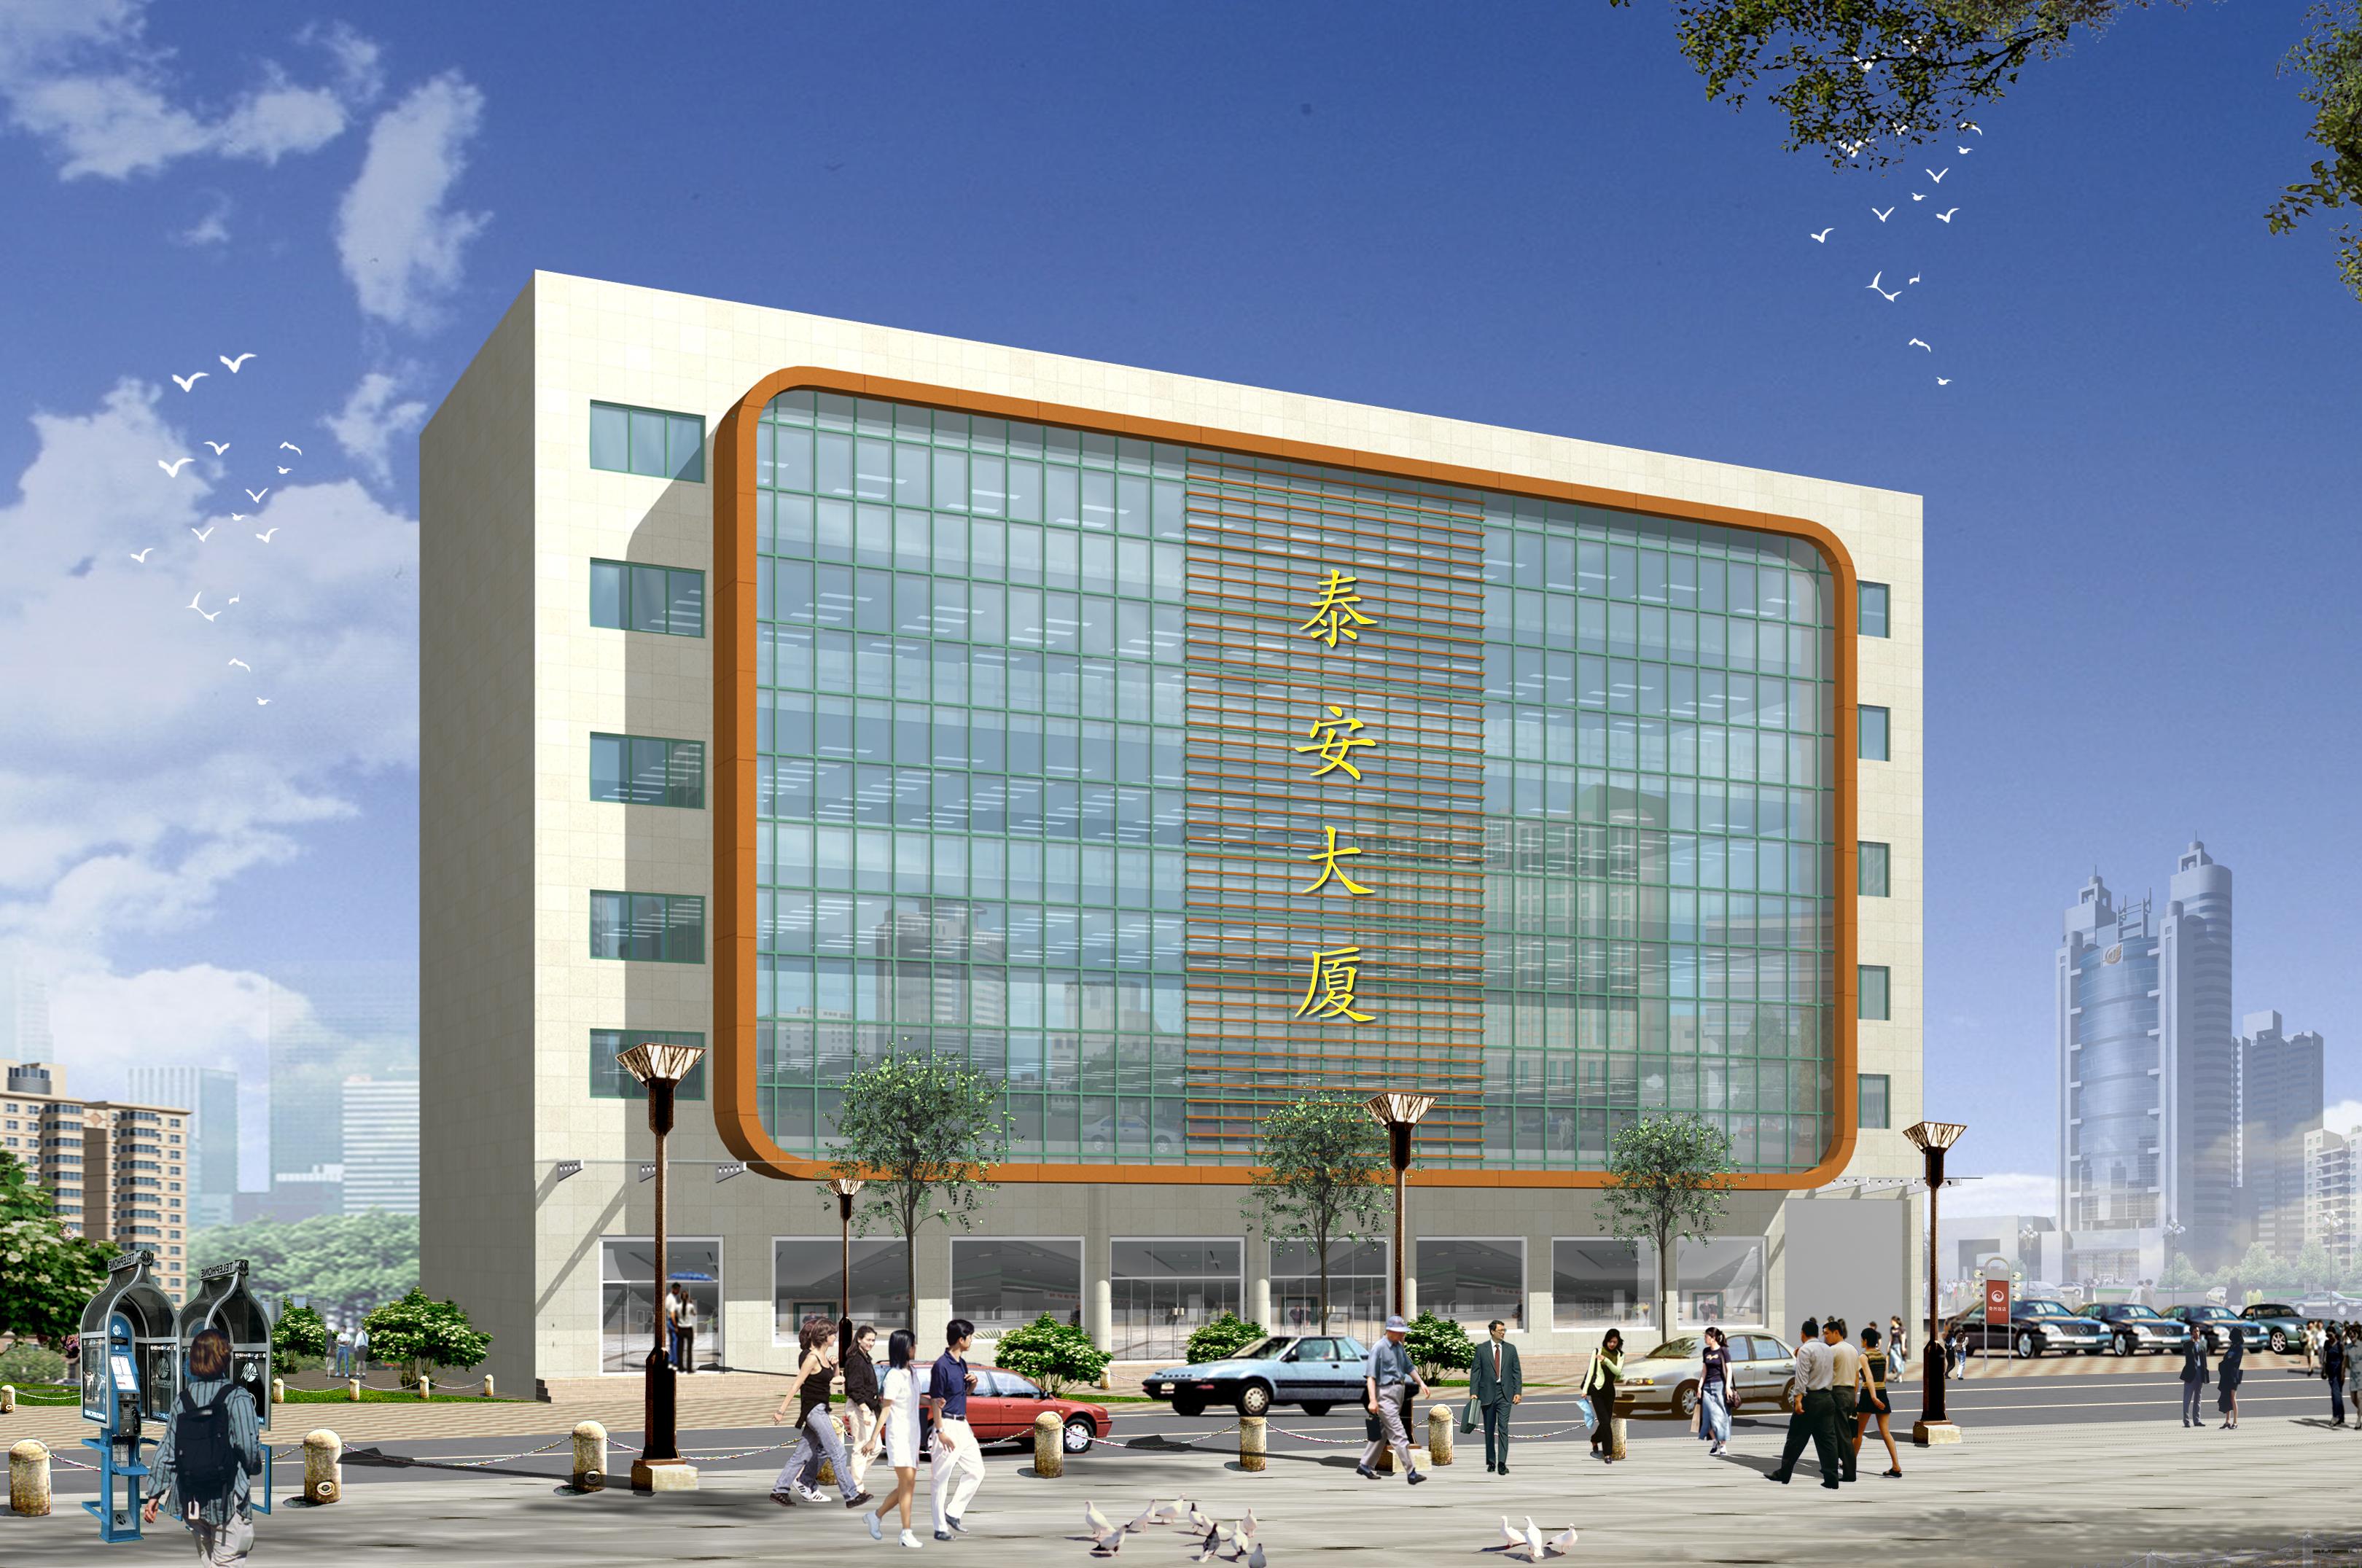 相关专题:四层办公楼效果图 五层办公楼效果图 三层办公楼